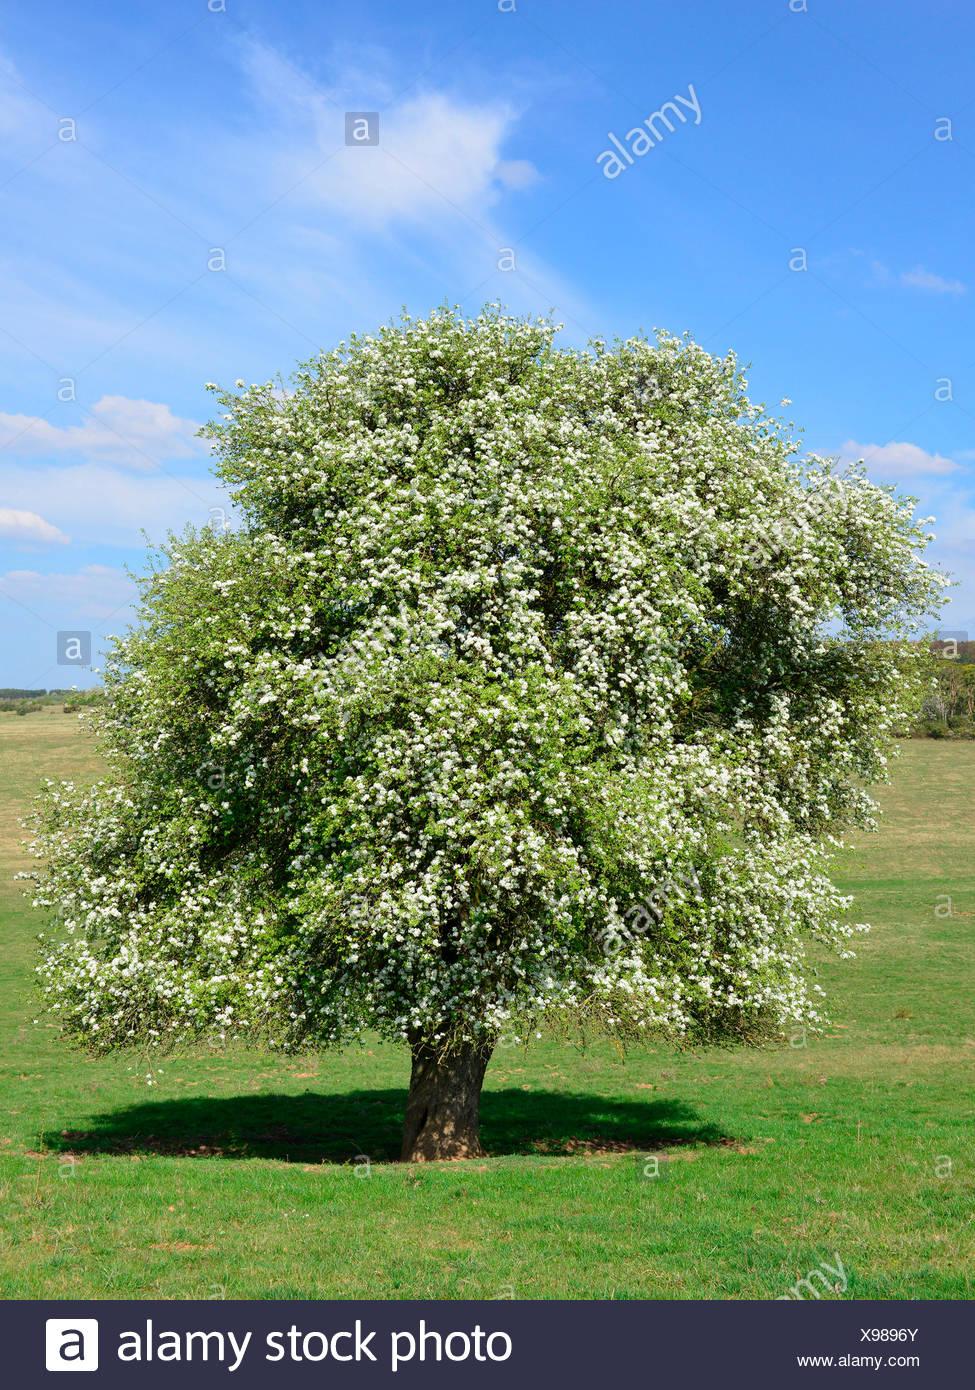 Immagini albero pero